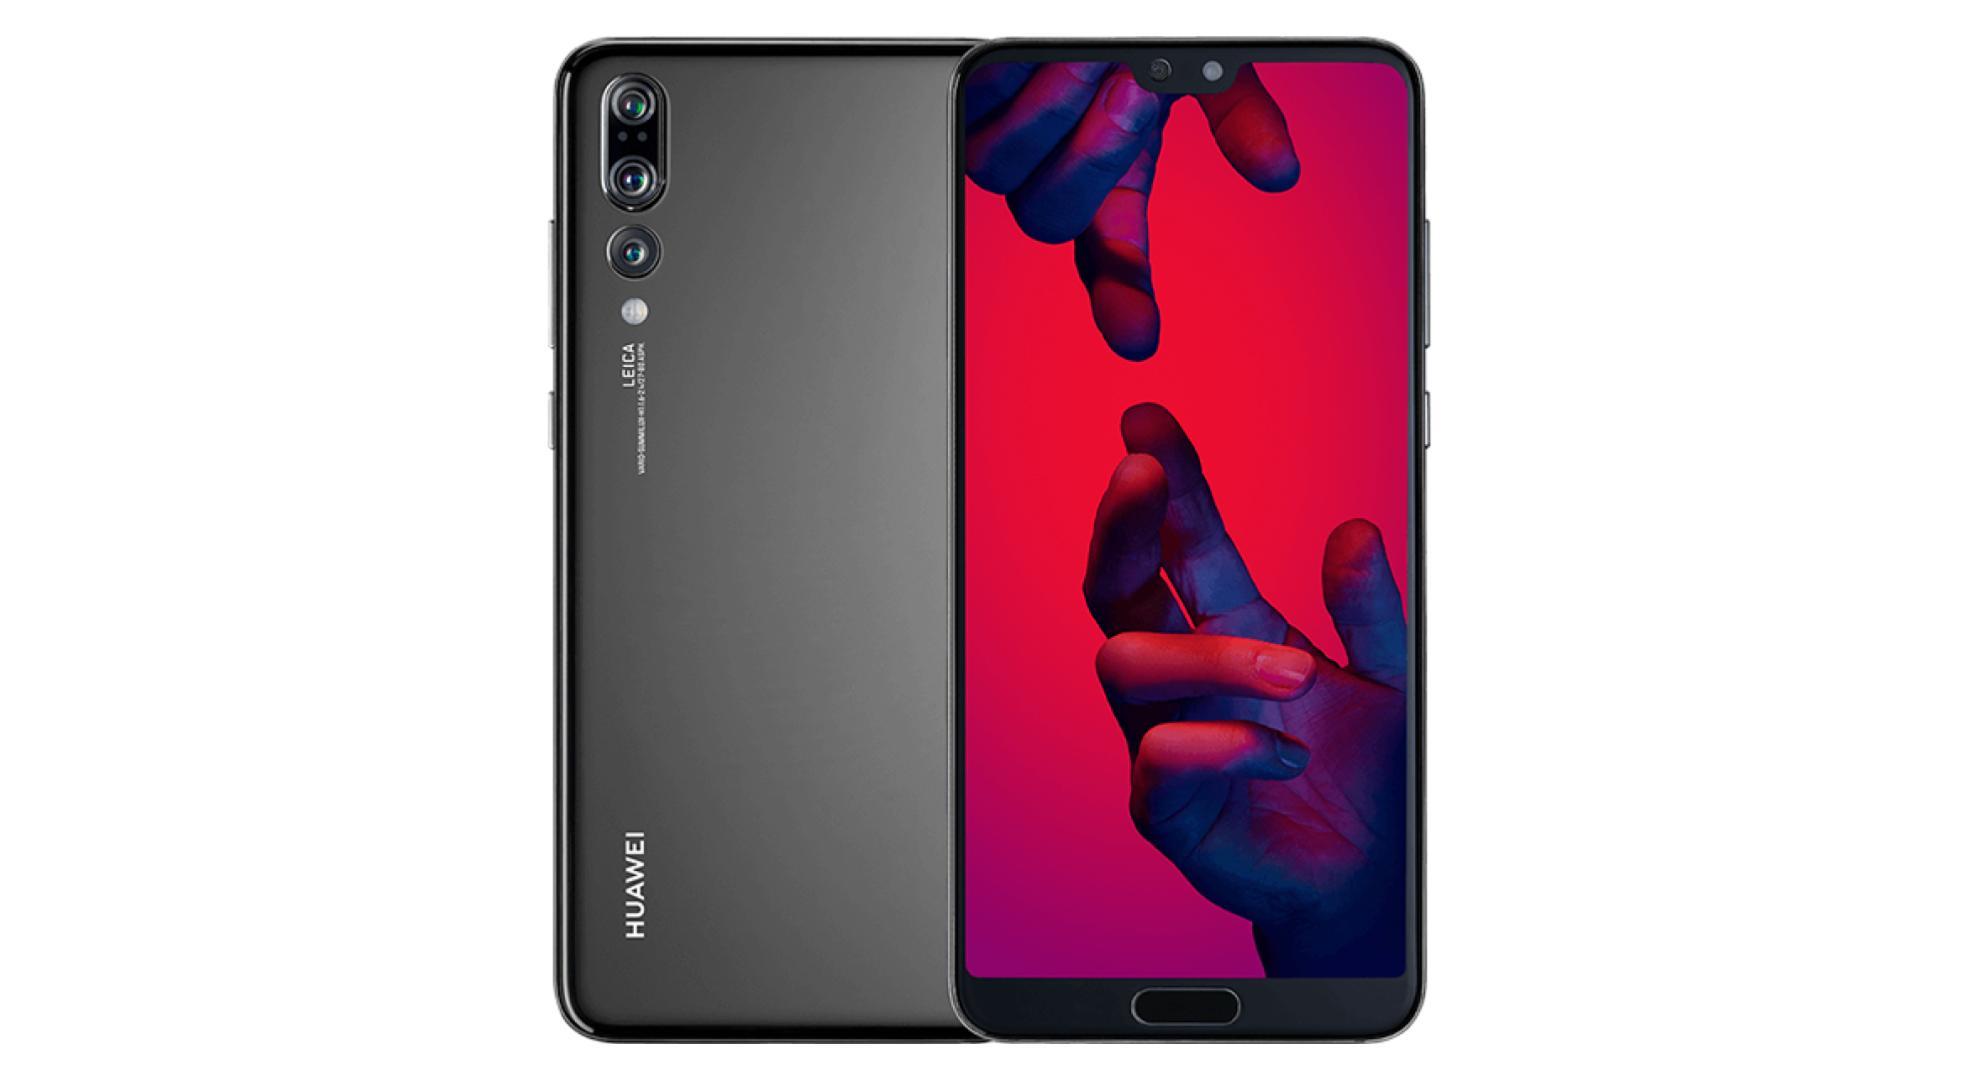 🔥 Bon plan : le Huawei P20 Pro descend à 489 euros avec ce code promo